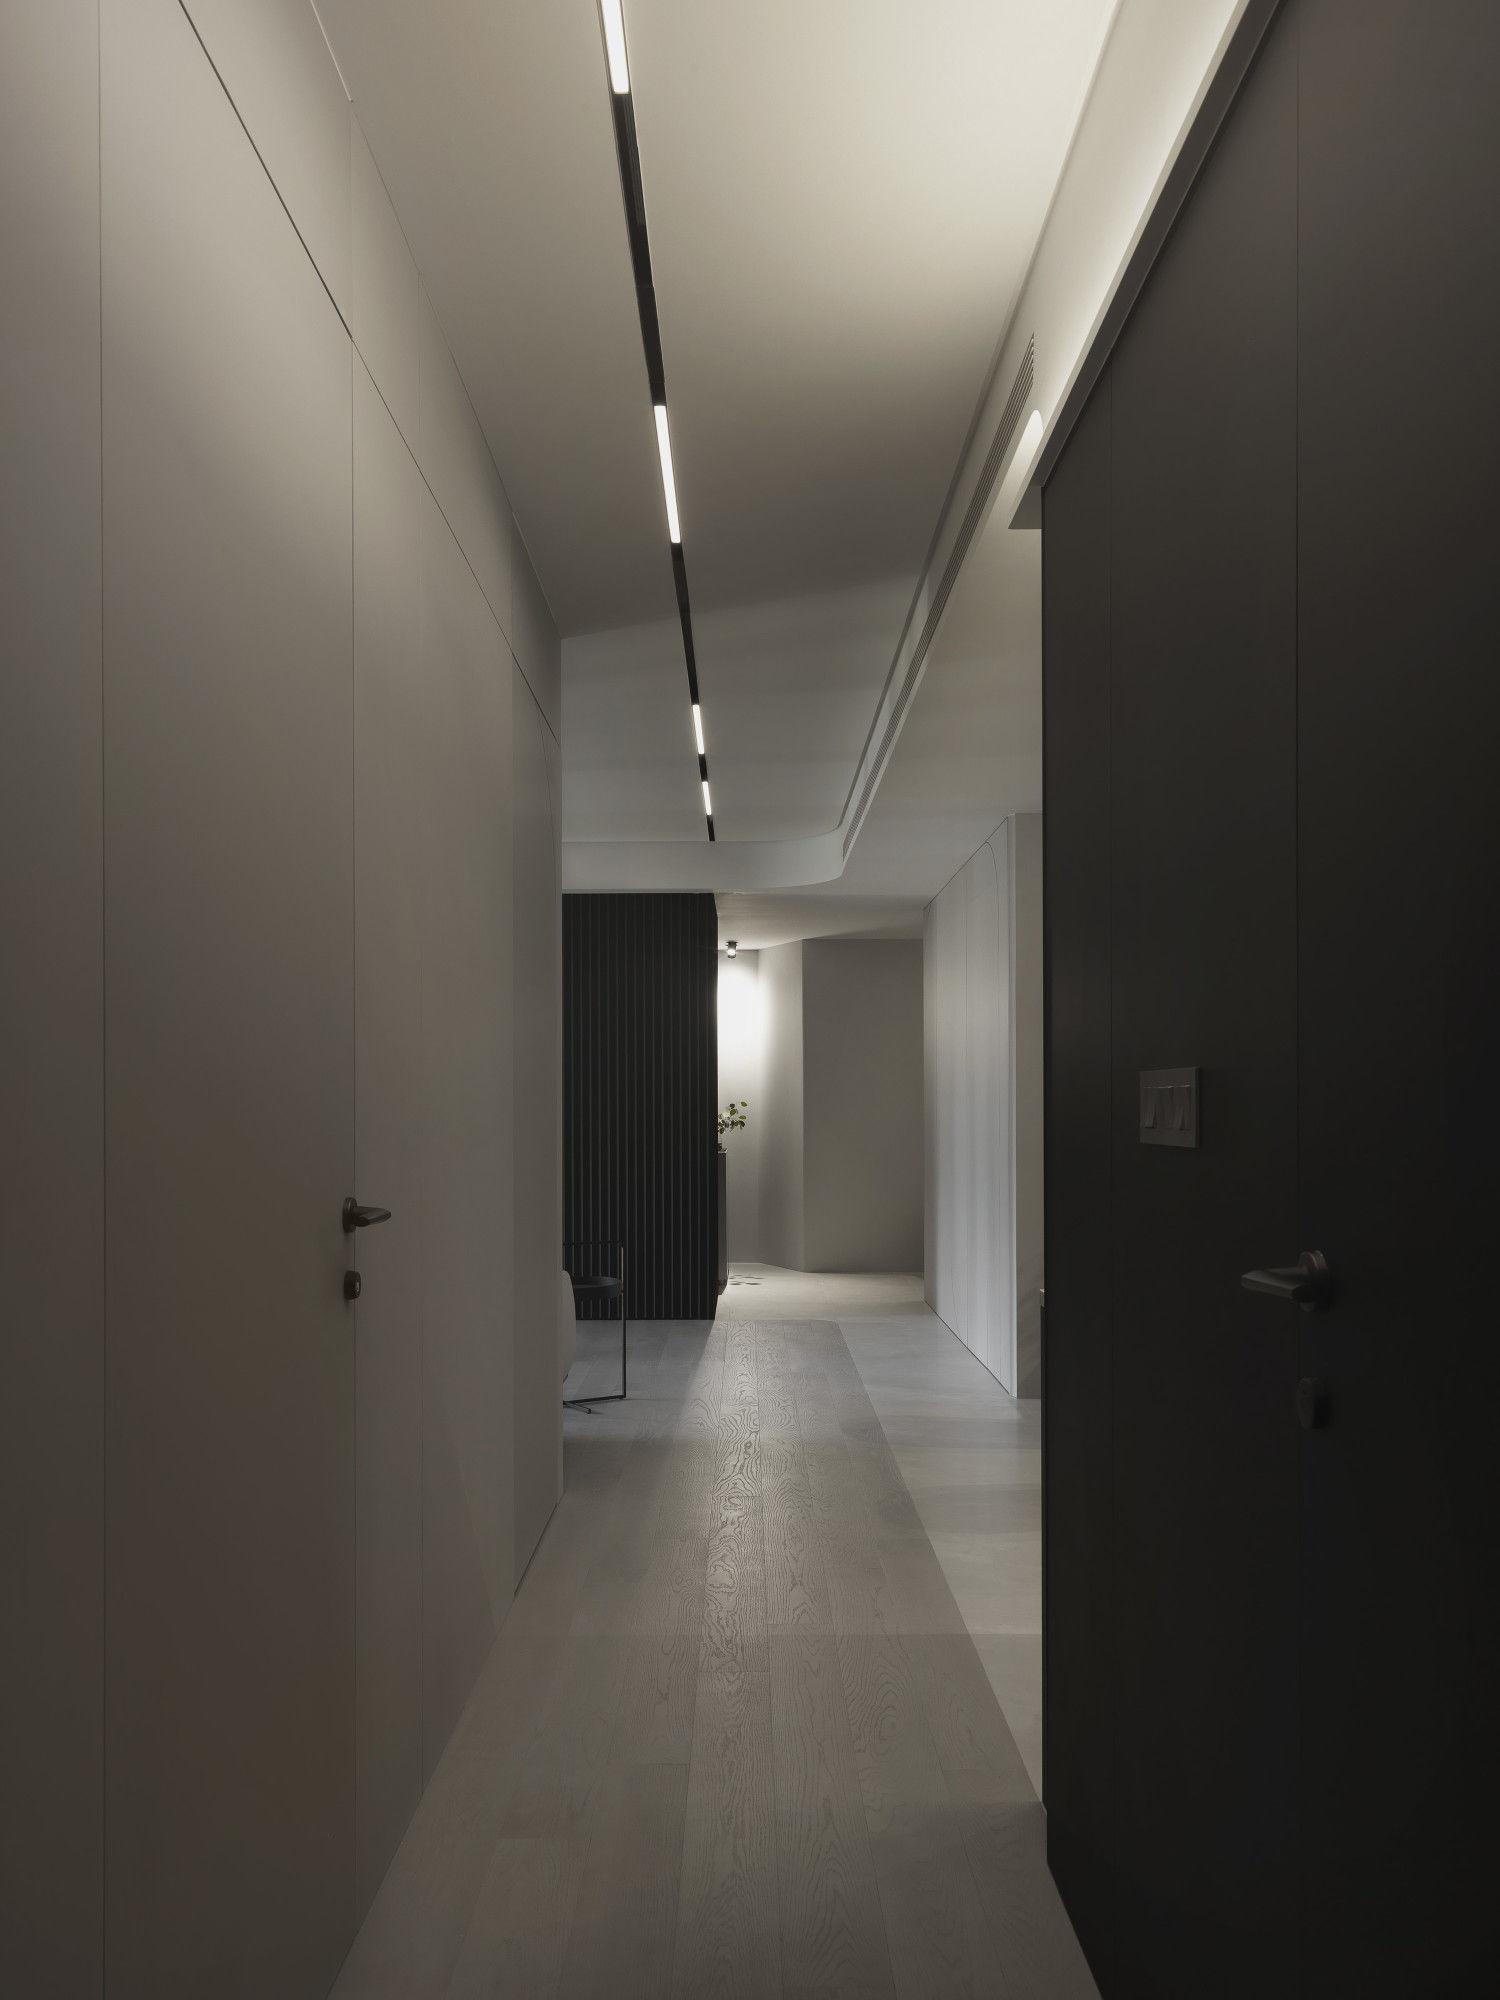 台中分子設計-現代風、輕美式設計師-台中七期室內設計-電梯大樓整體規劃-客廳廊道